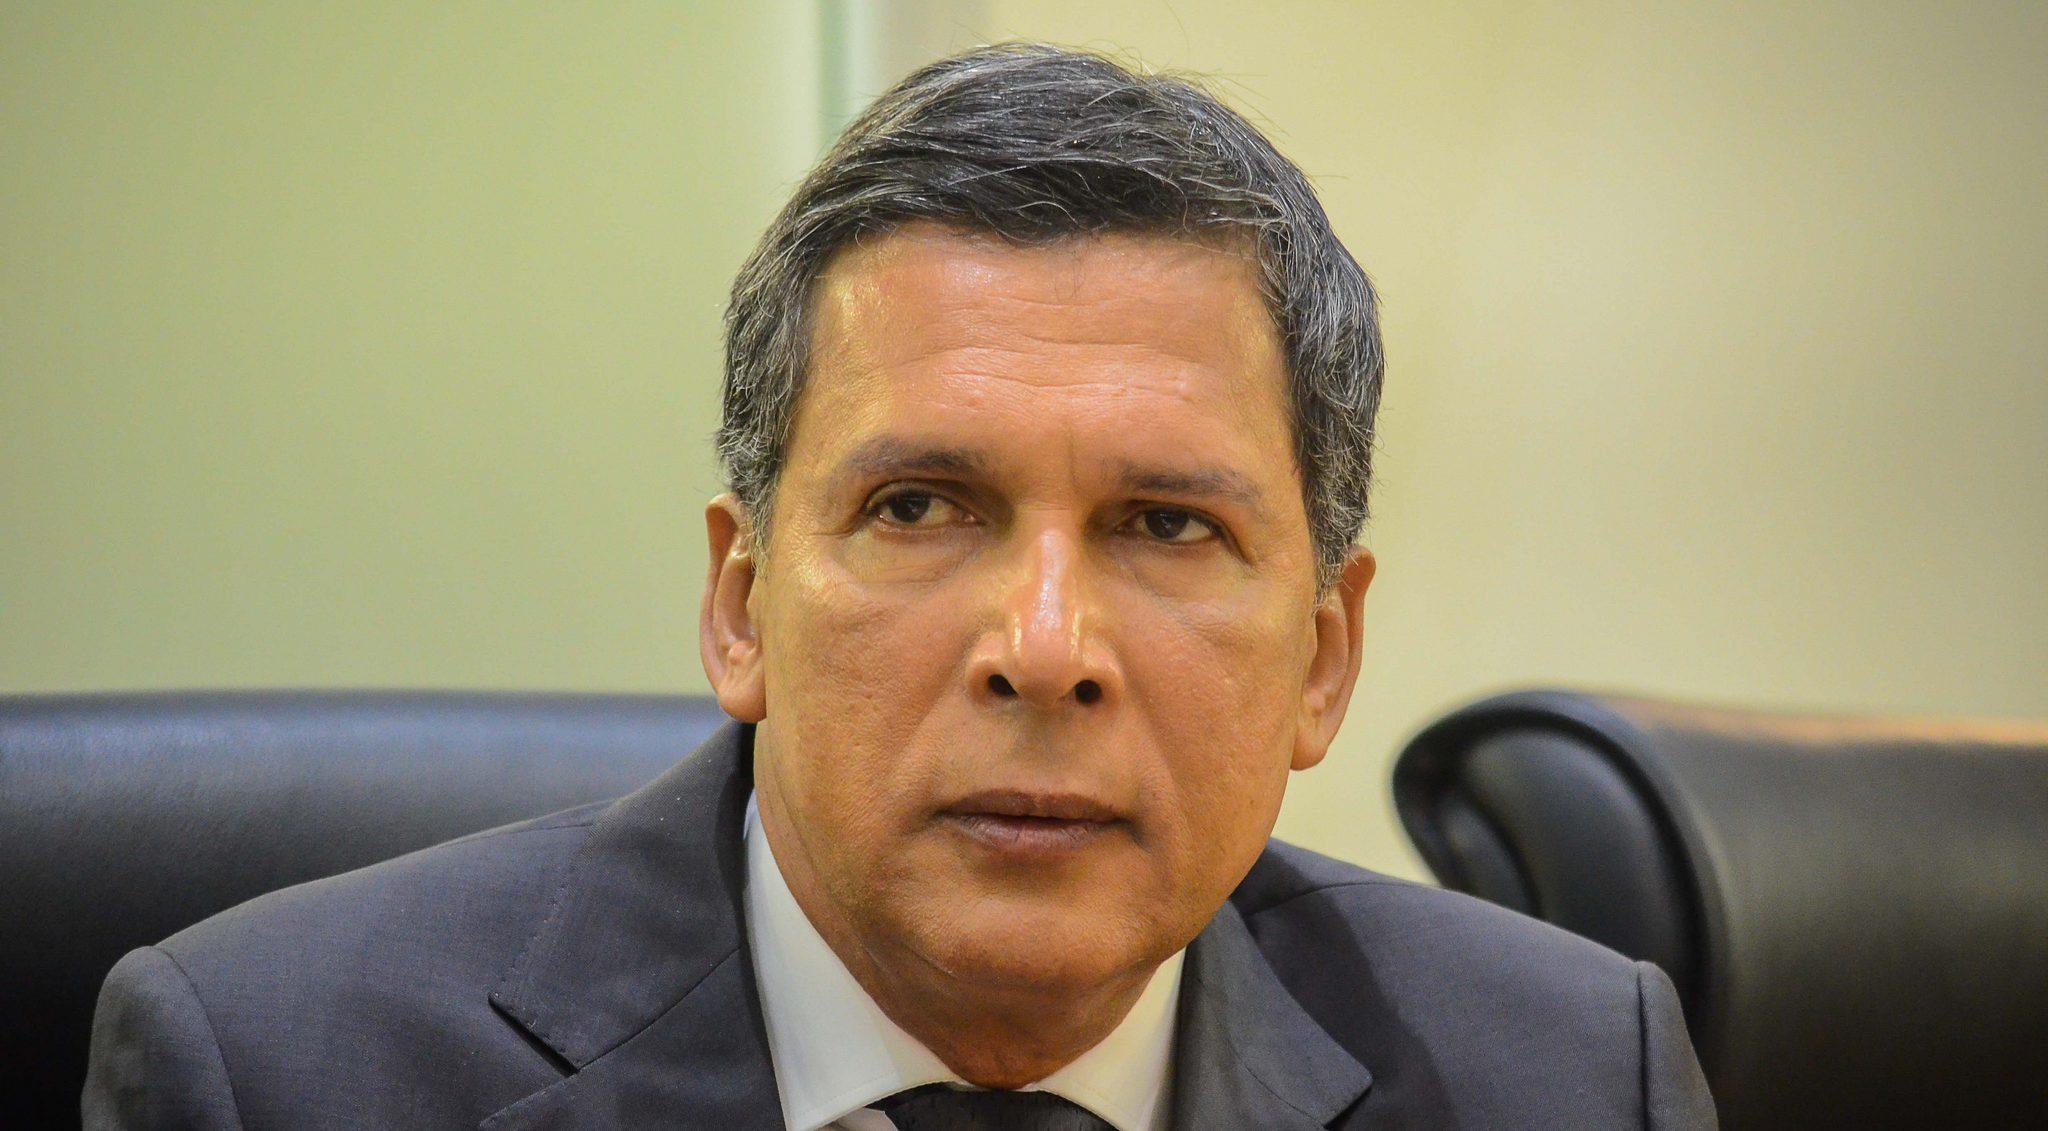 Ricardo Barbosa avalia crise no PSB e reforça diálogo entre líderes